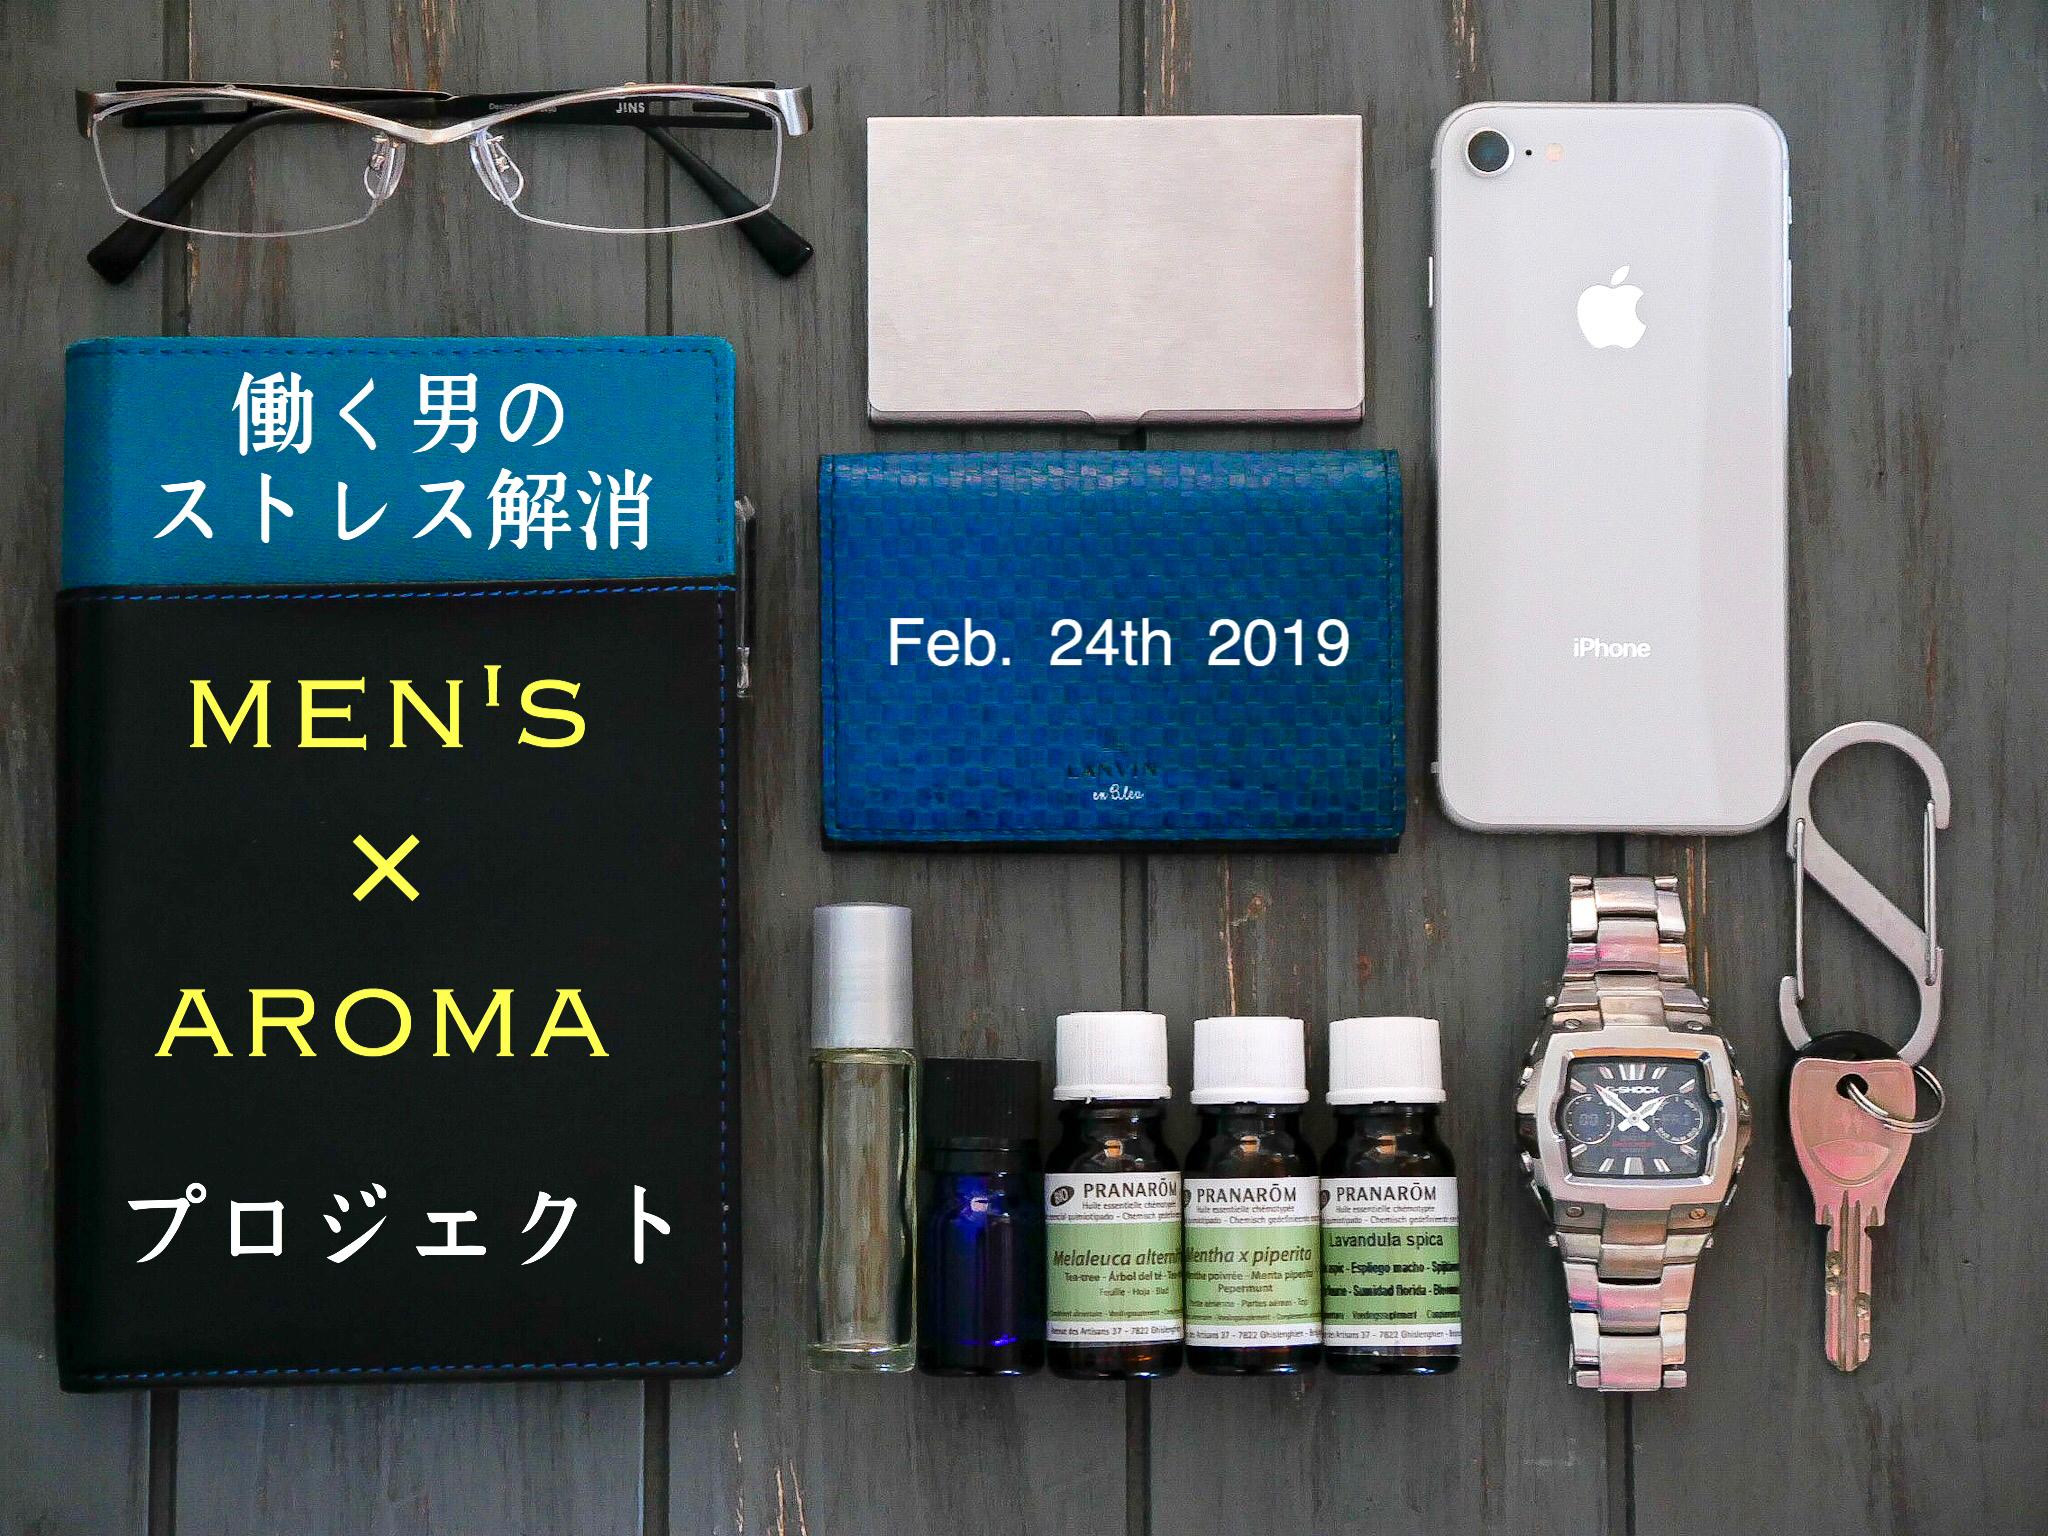 2/24 働く男のストレス解消!MEN′Sアロマプロジェクト